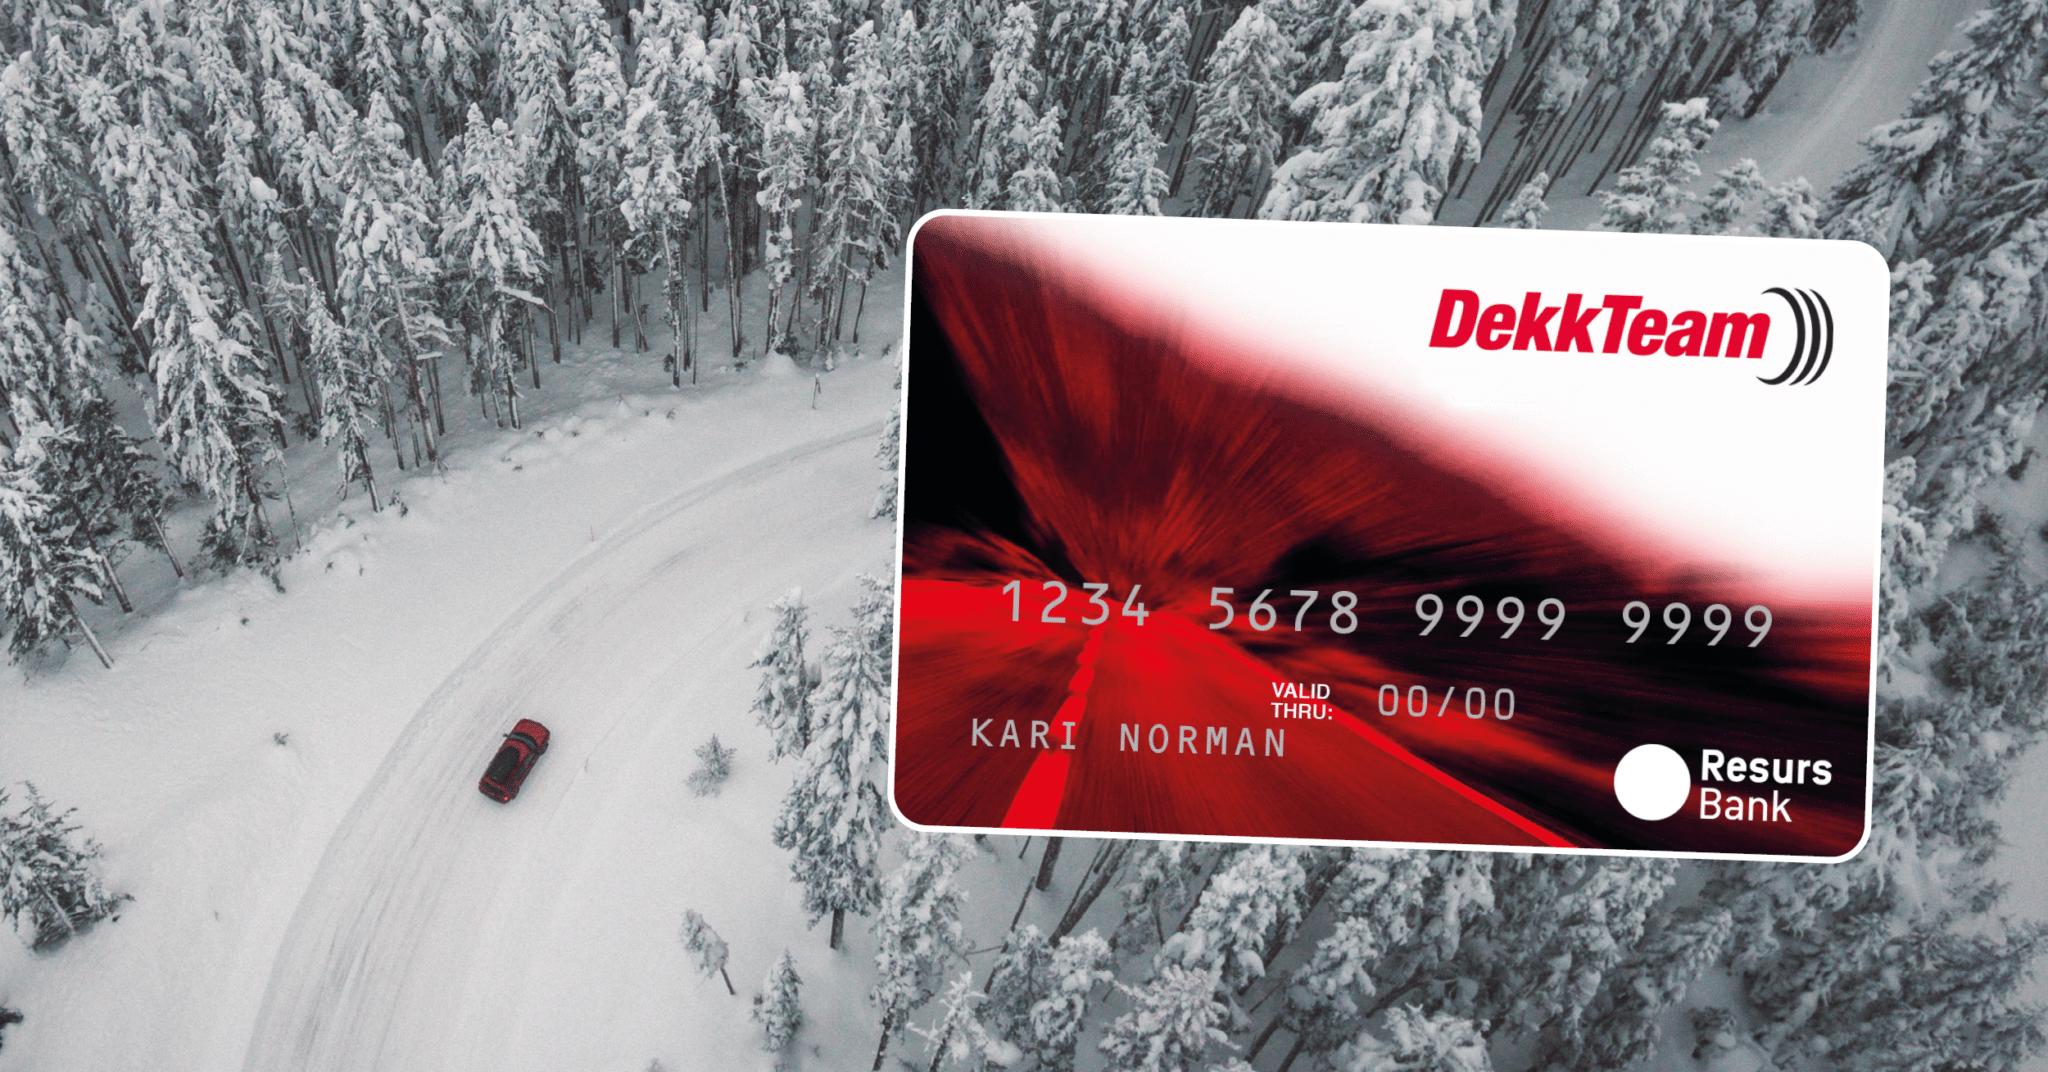 Faktura eller delbetaling - løs finansieringen med DekkTeams kontokort fra ResursBank